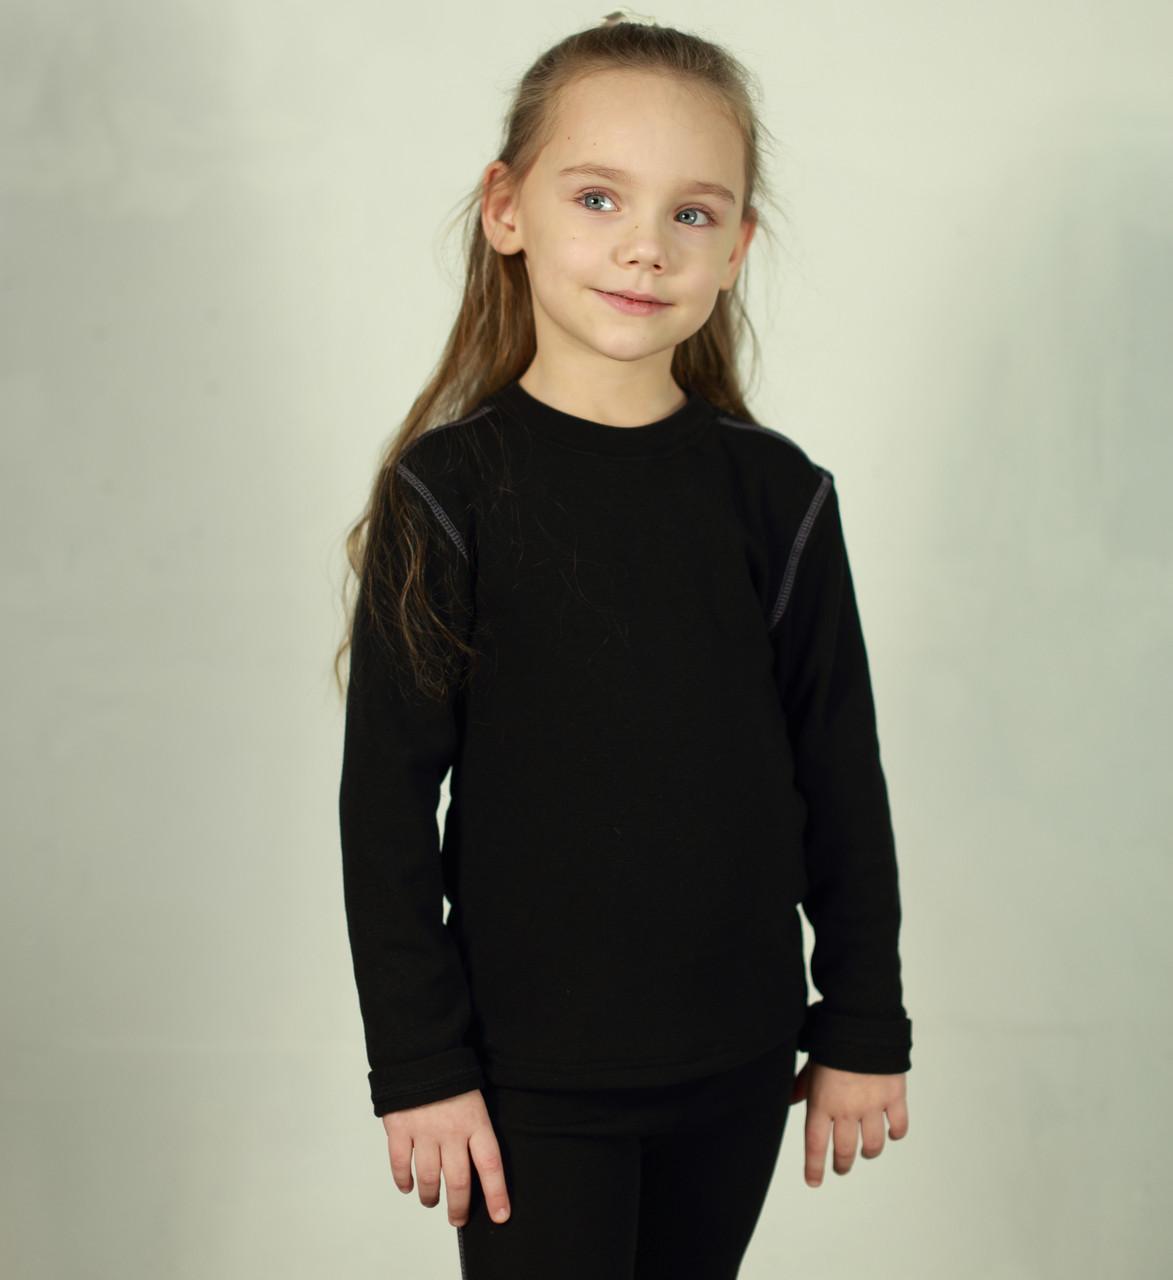 Детский поддевочный костюм для девочки Детское термобелье (поддева) Сиреневый | Дитячий поддевочний костюм